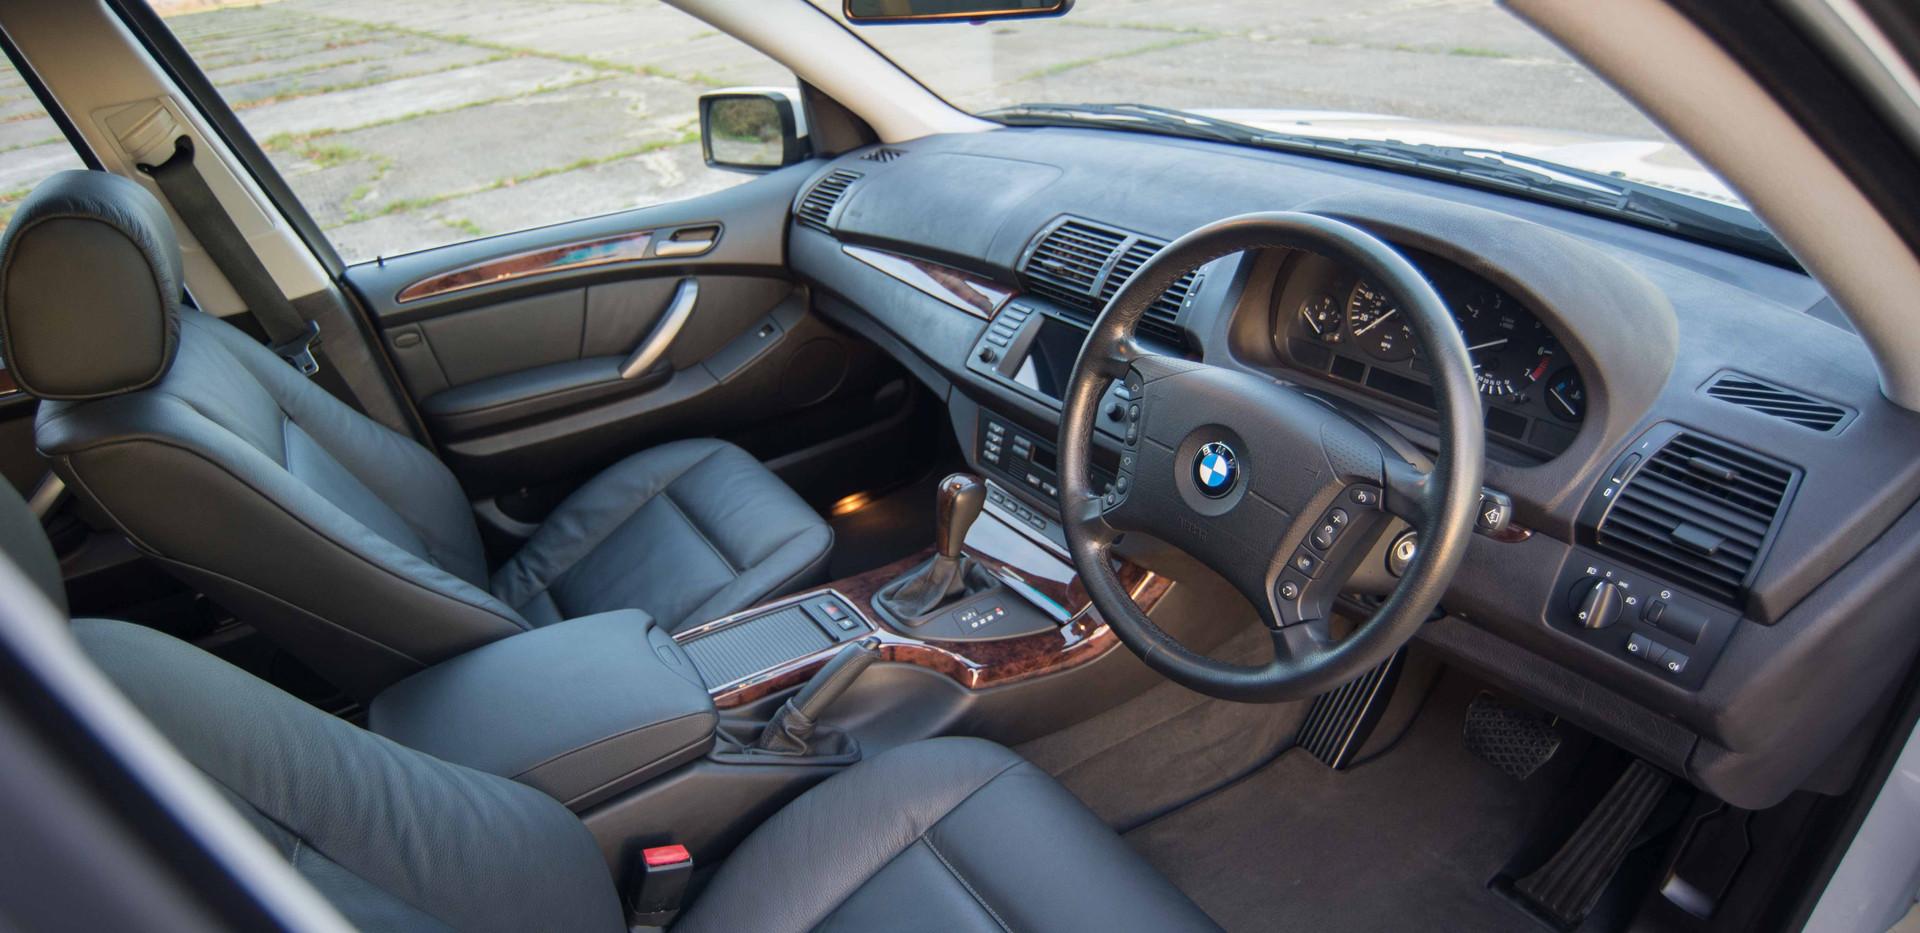 BMW E53 X5 4.4i For Sale UK London  (3 o